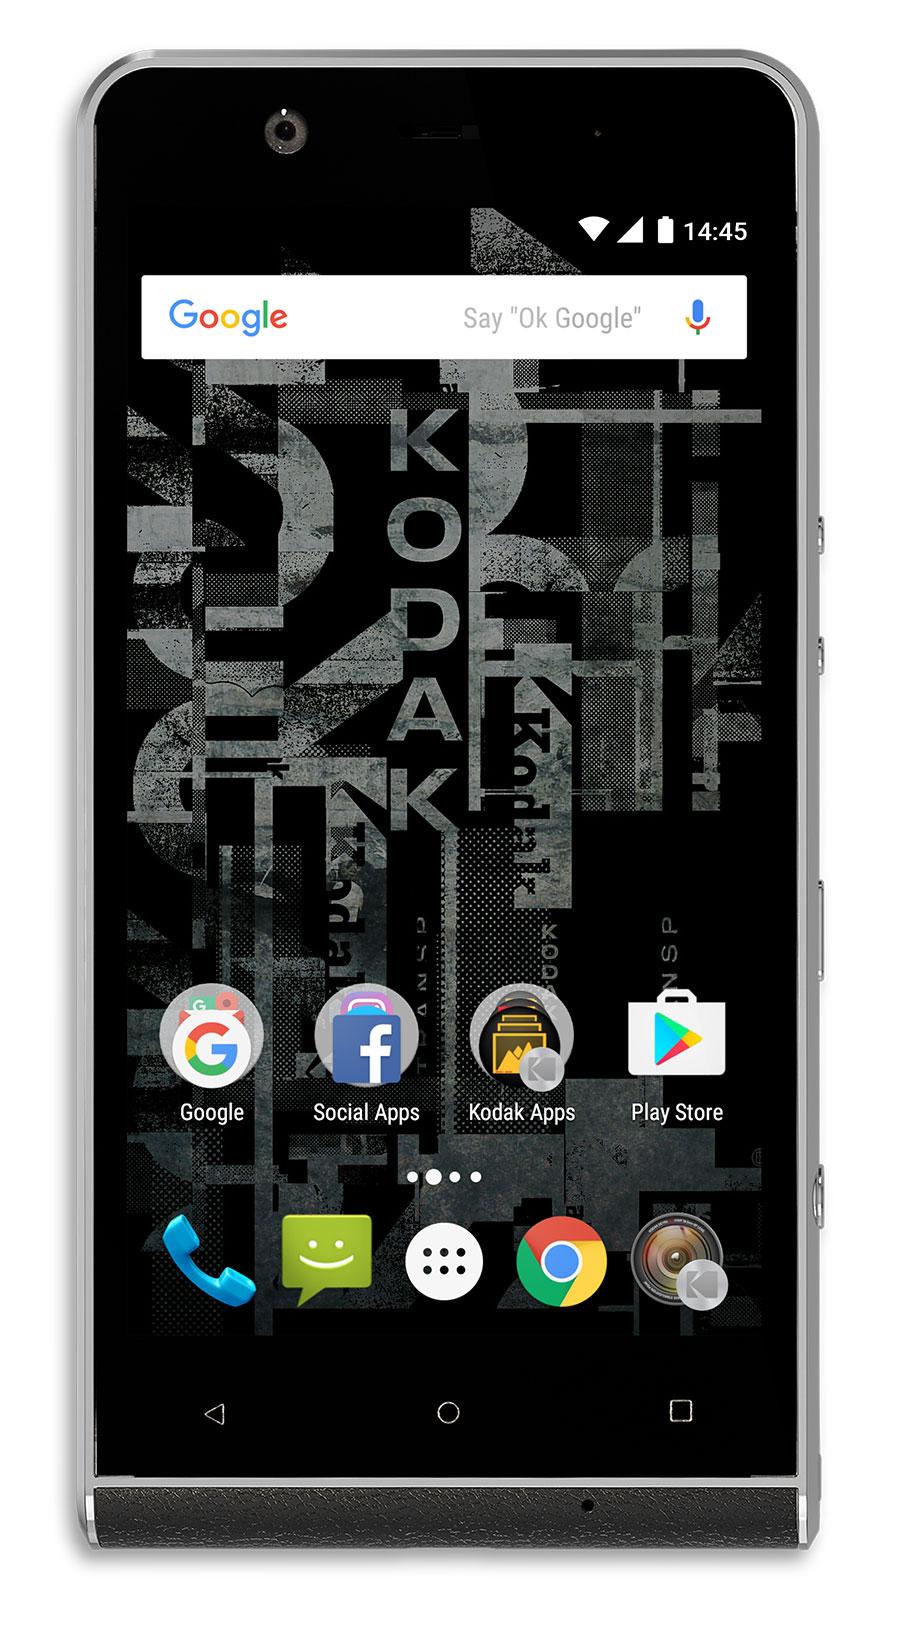 EKTRA-Android-UI-Mockup_FINAL